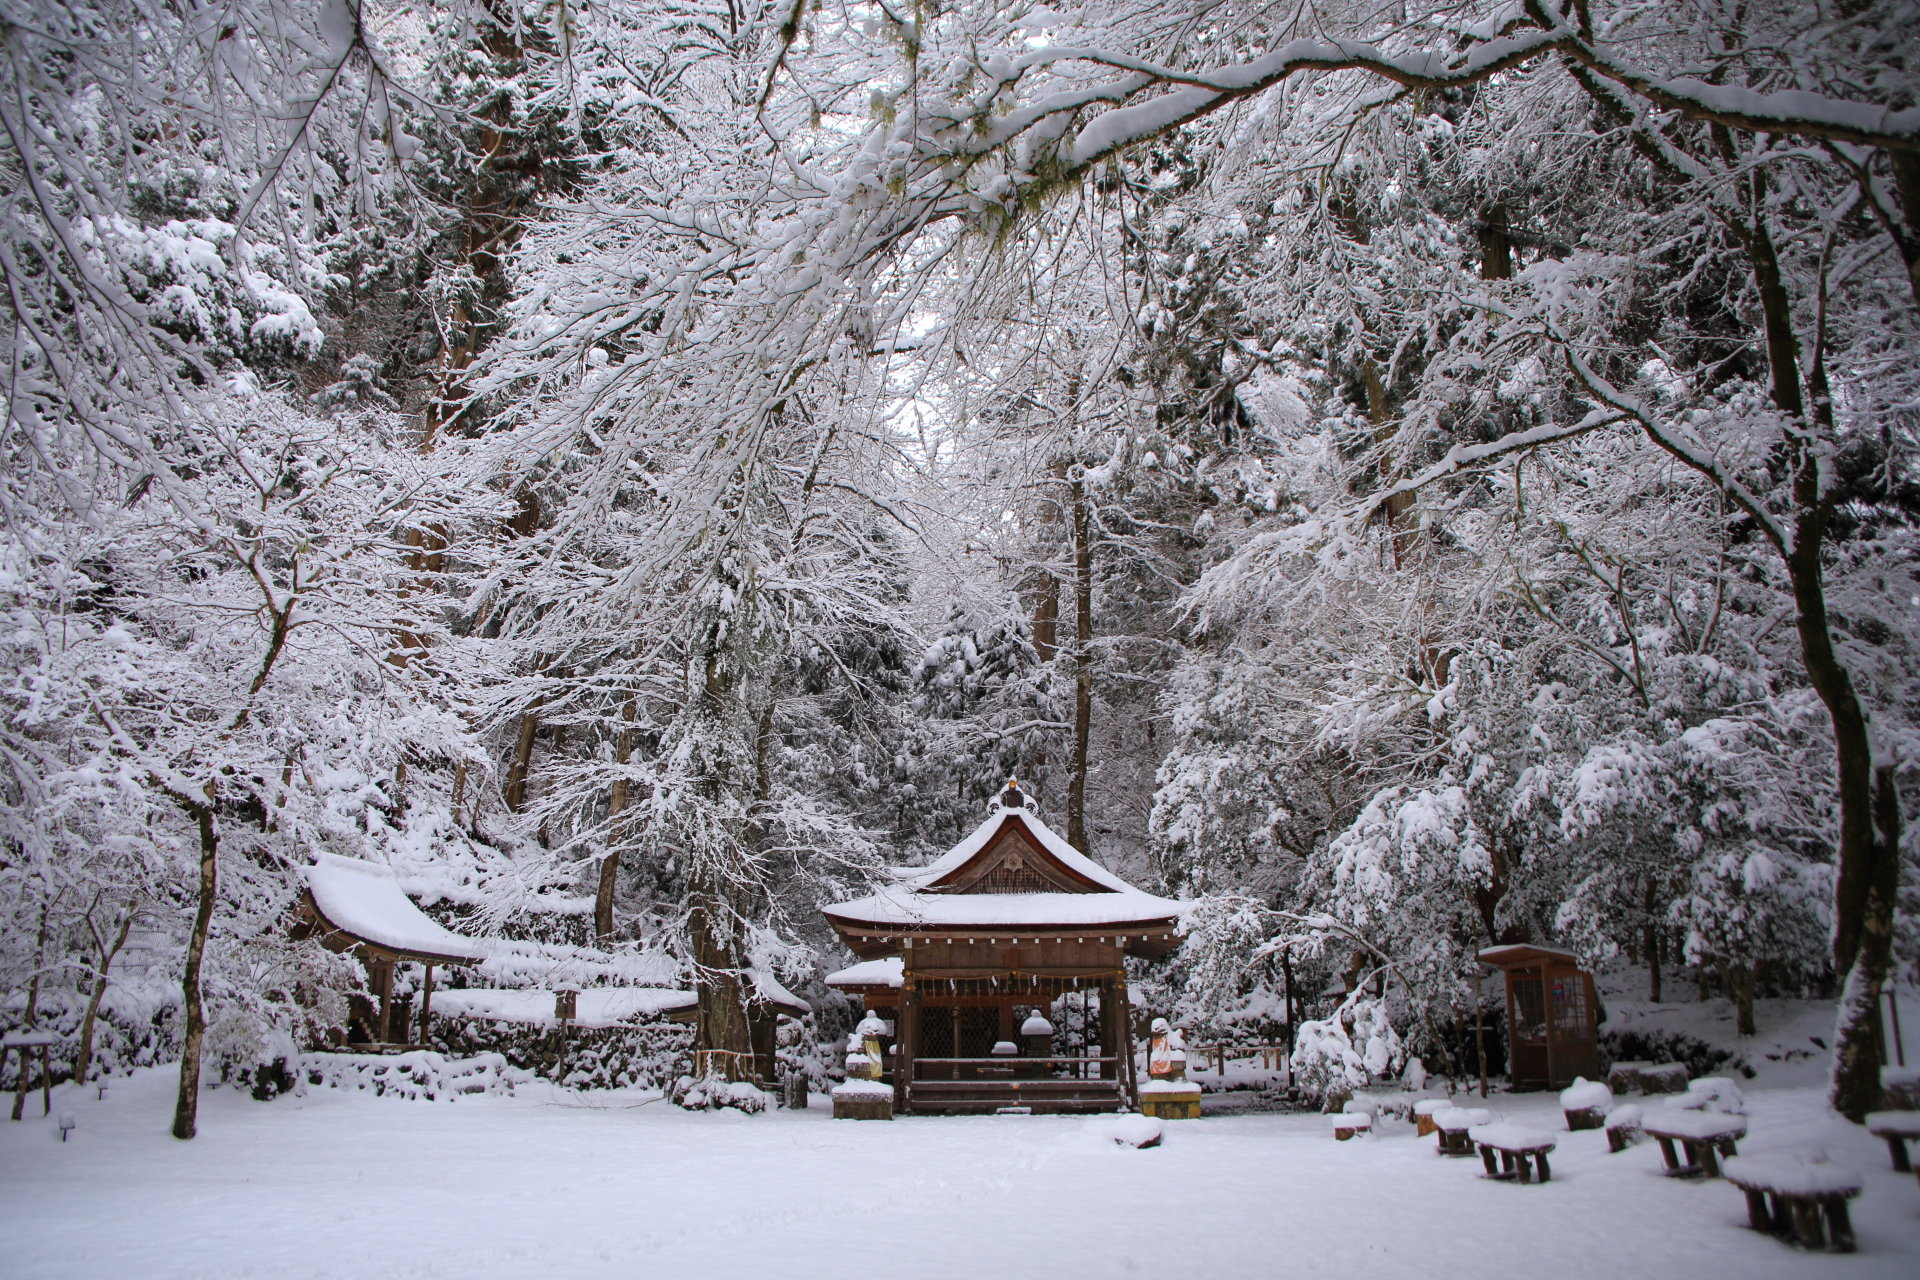 貴船神社奥宮の圧倒的な雪景色